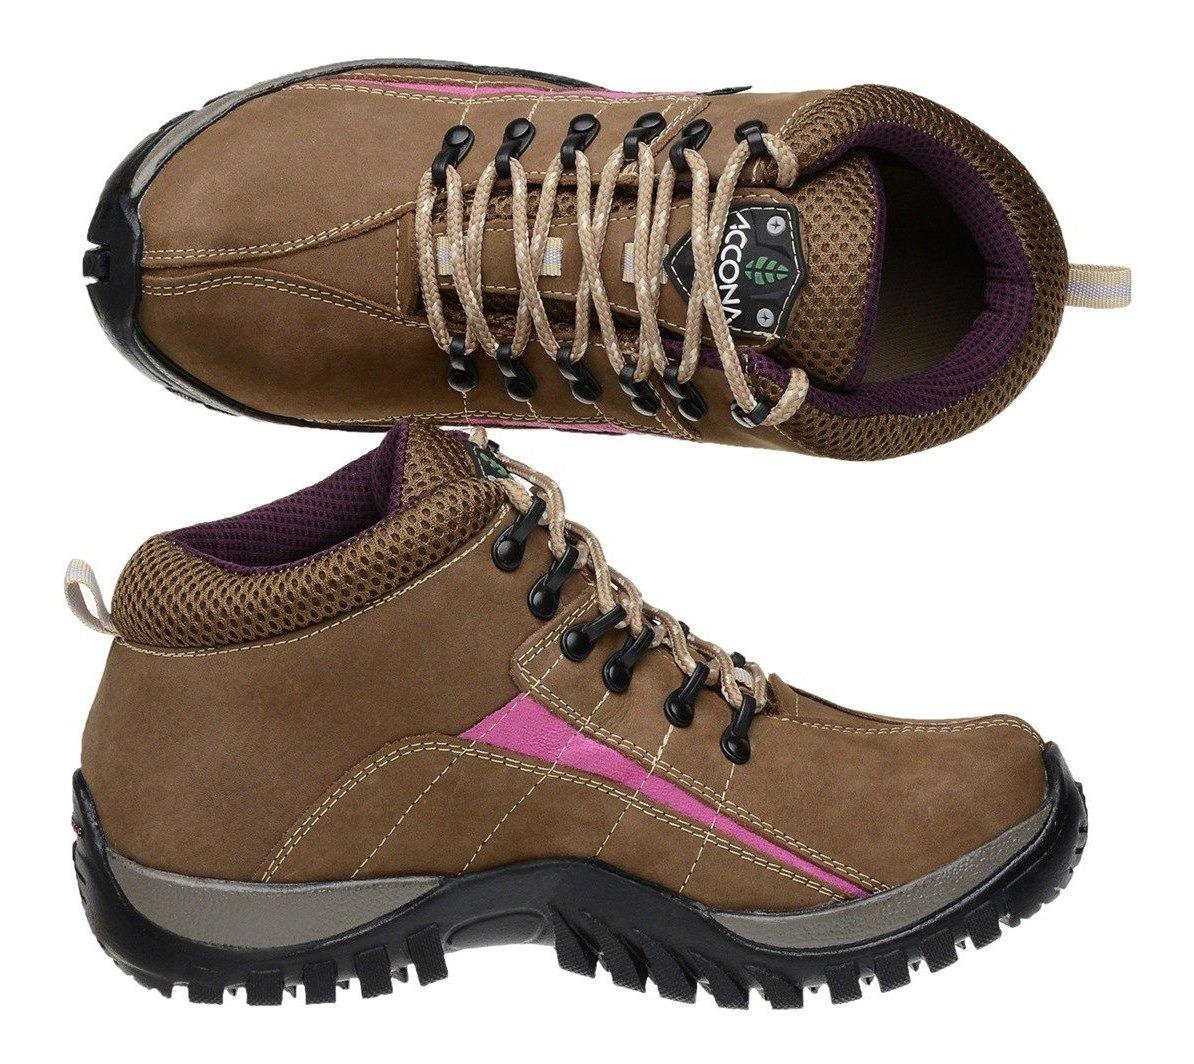 31e91a5f5 Coturno Boot Adventure Feminino Couro Nobuck - R$ 120,99 em Mercado ...